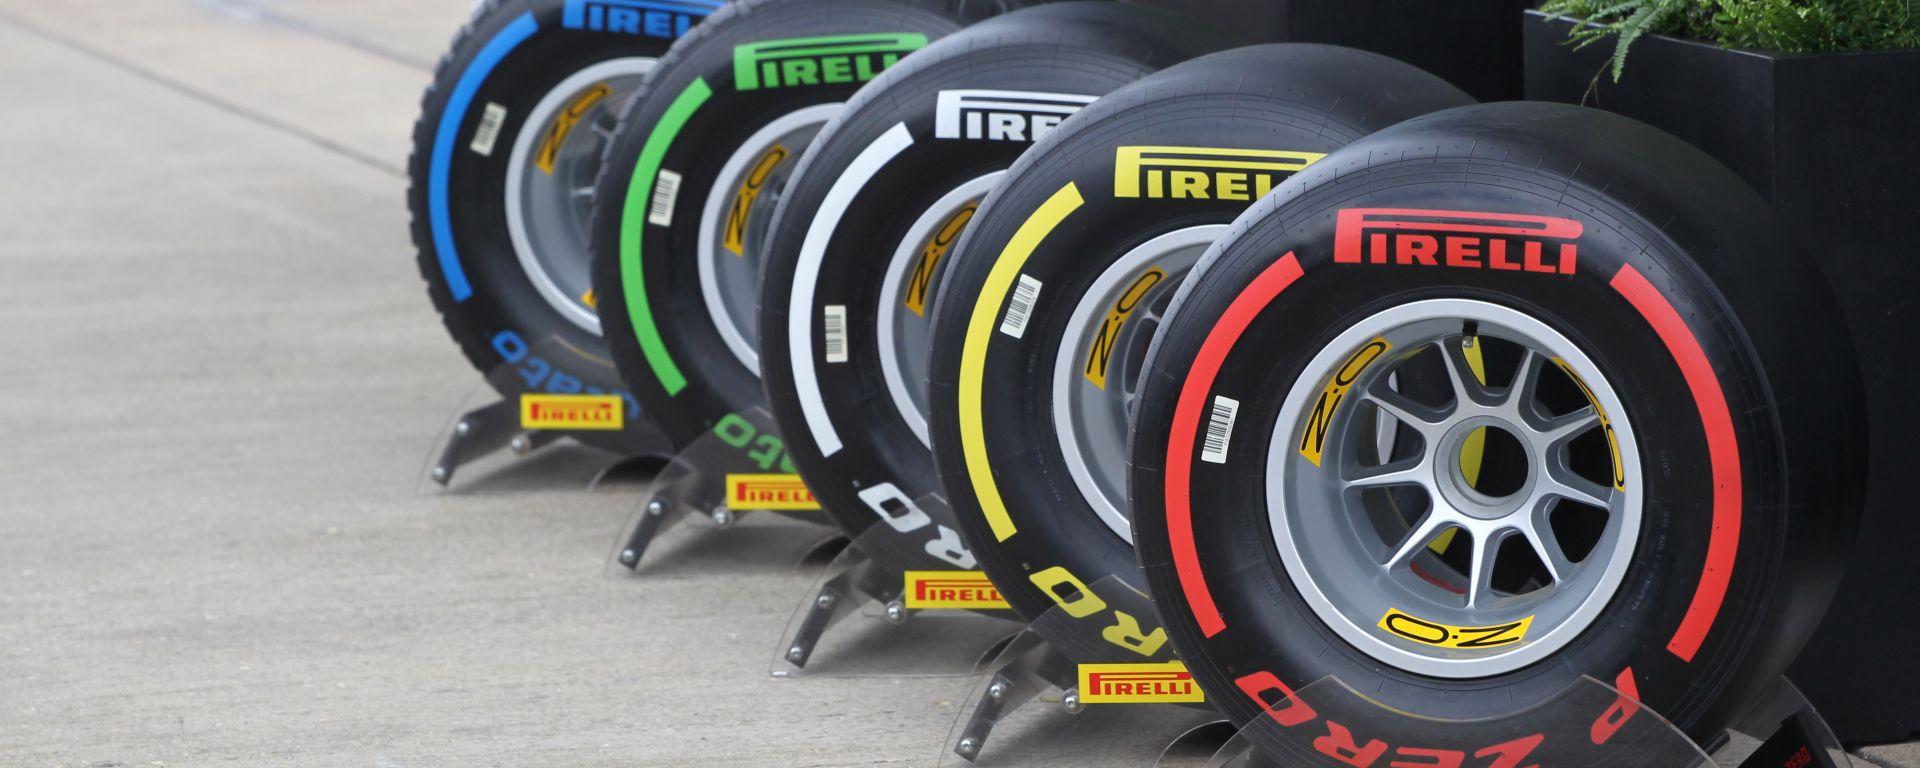 Il set completo di mescole Pirelli da Formula 1 2019